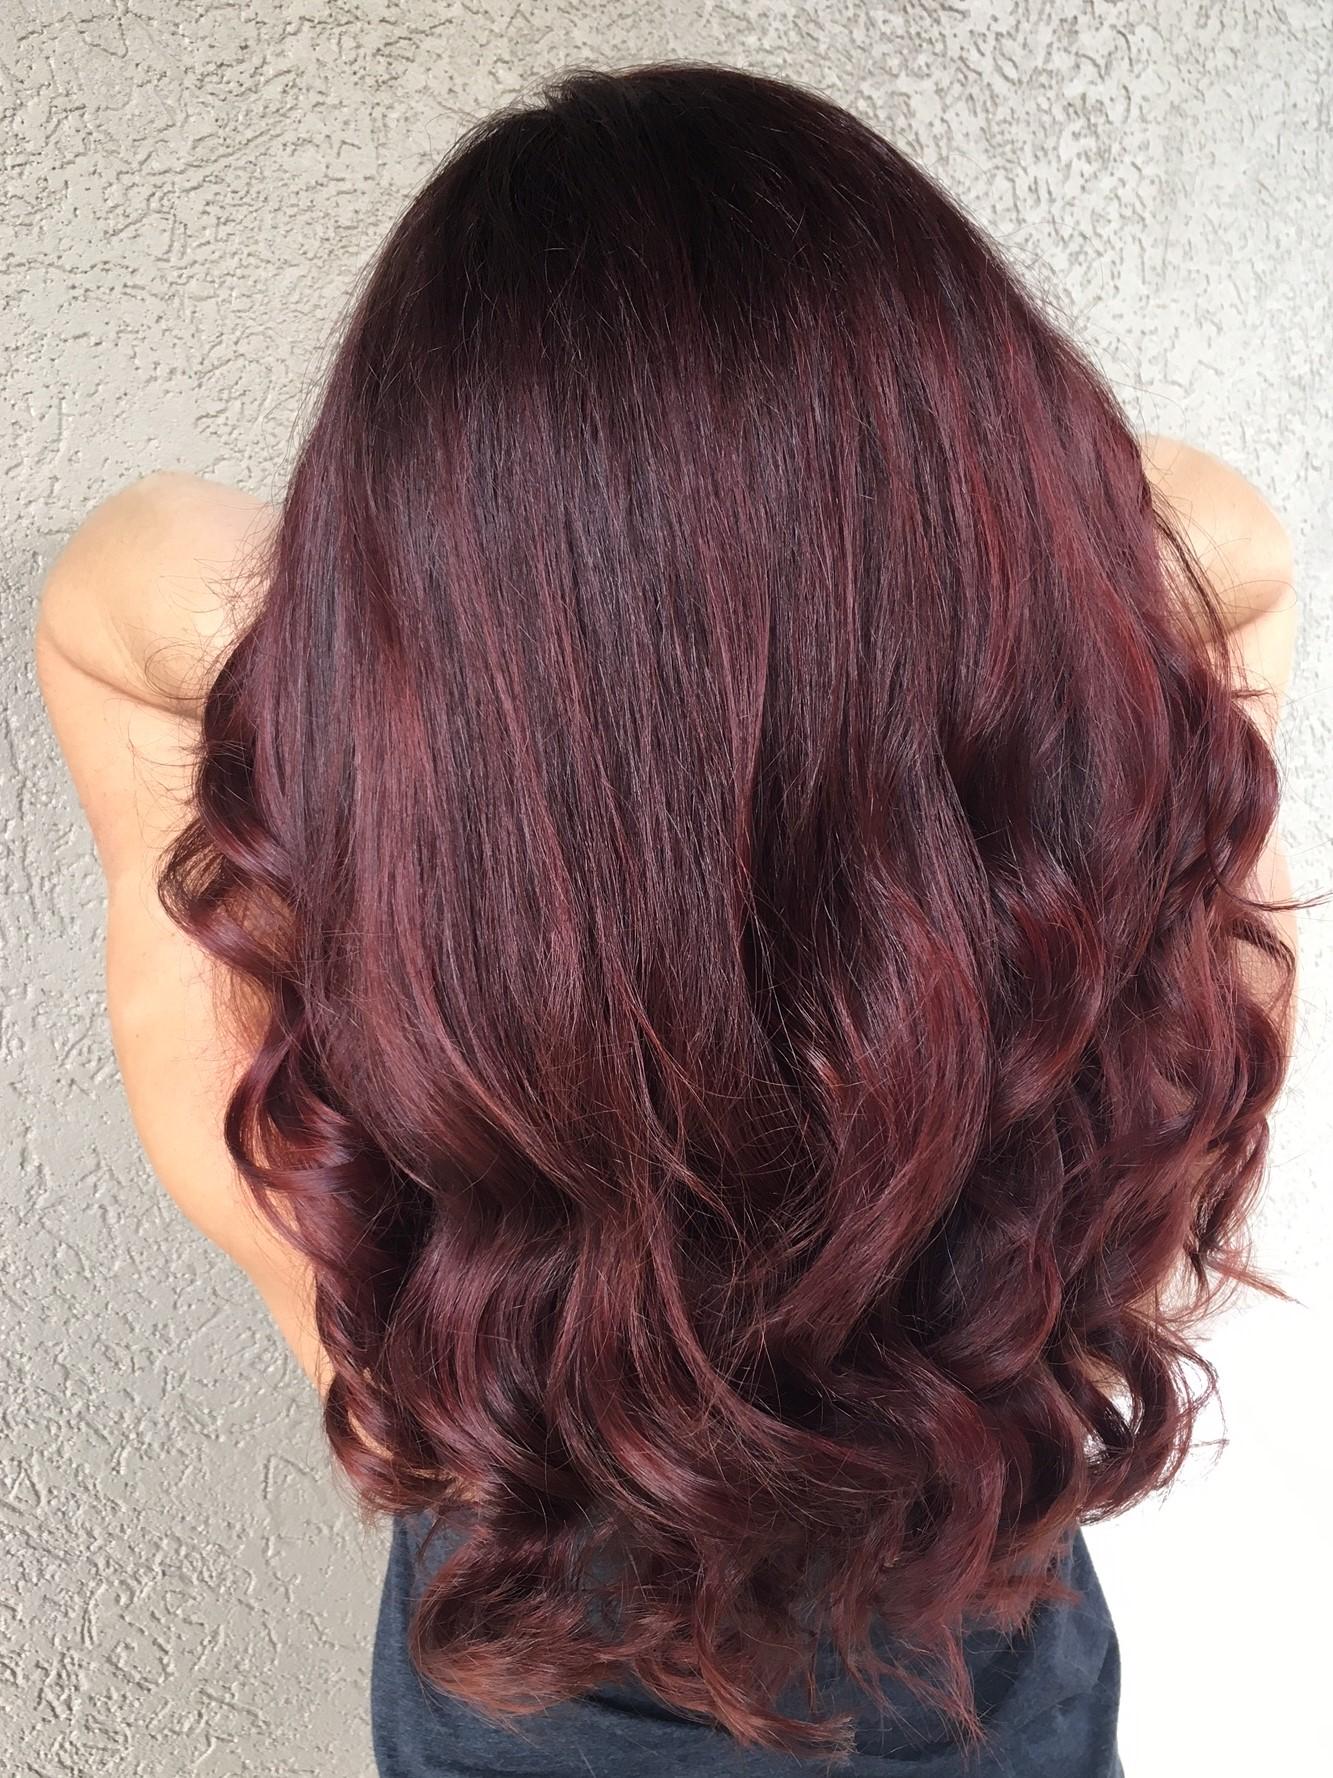 Gabrielle Tucci Hair Designs Clermont Hair Salon